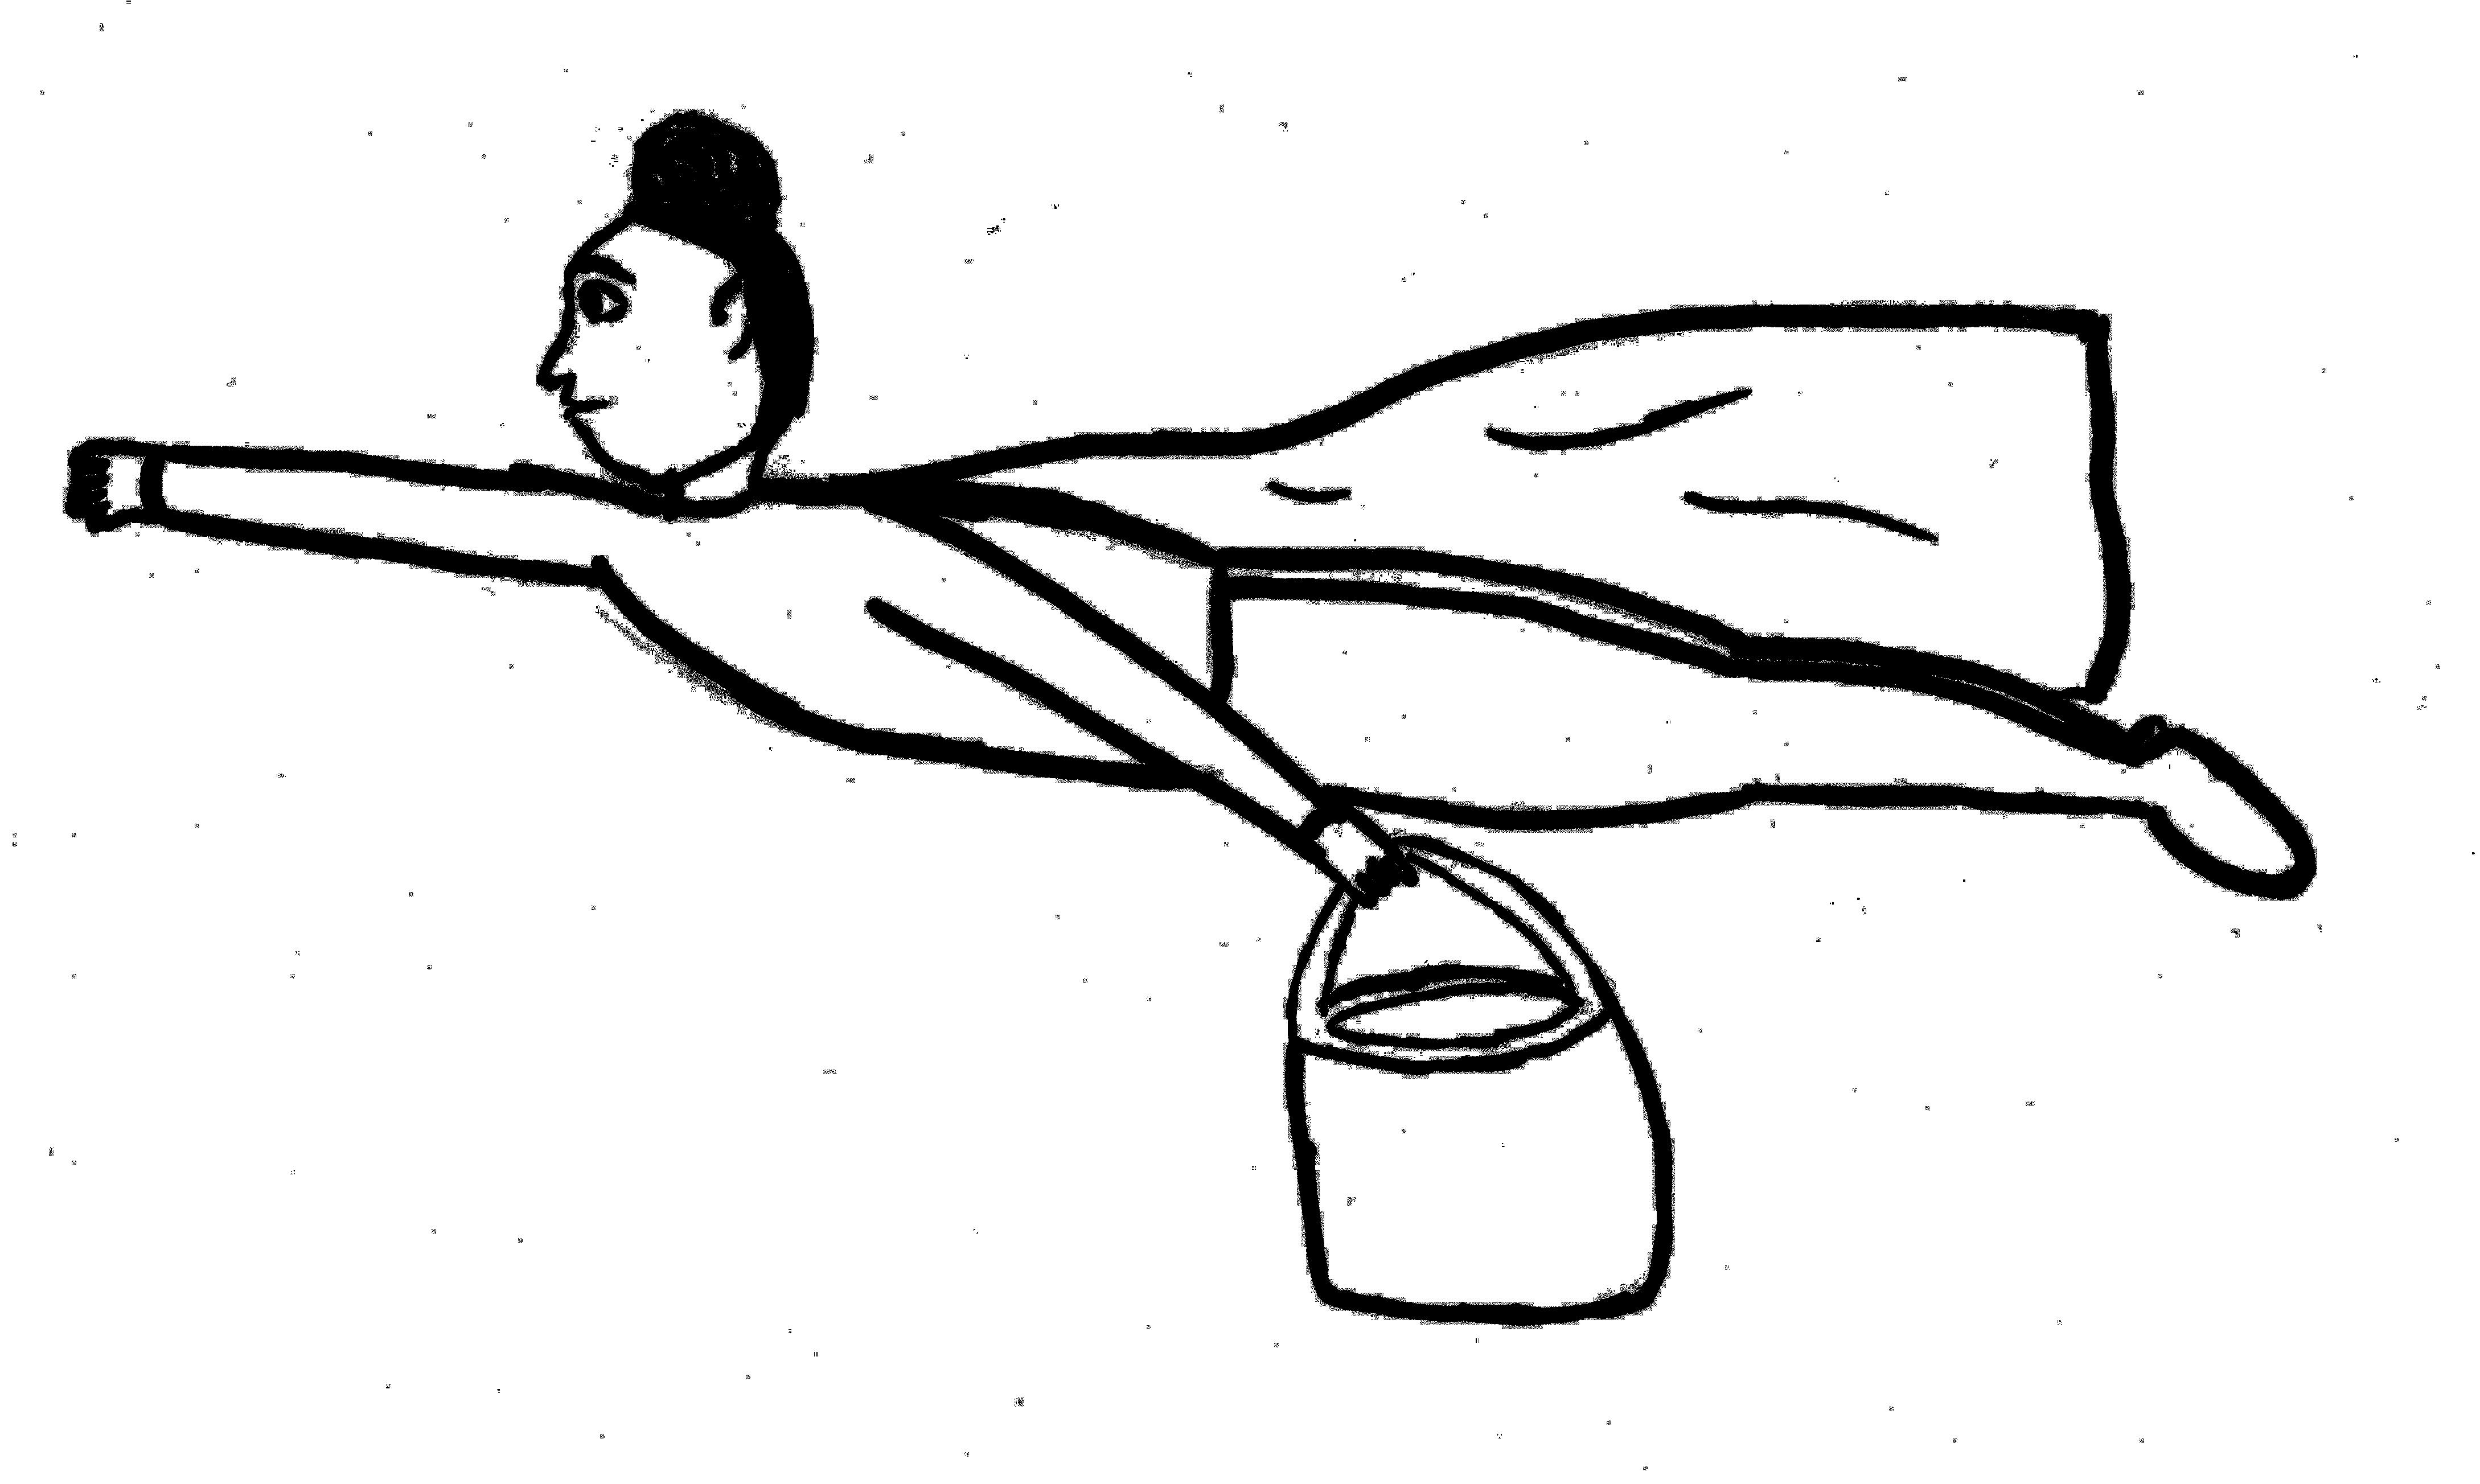 Eine Schwarzweißzeichnung von einer fliegenden Frau mit Dutt, Umhang und einer großen Handtasche. Sie fliegt von rechts nach links